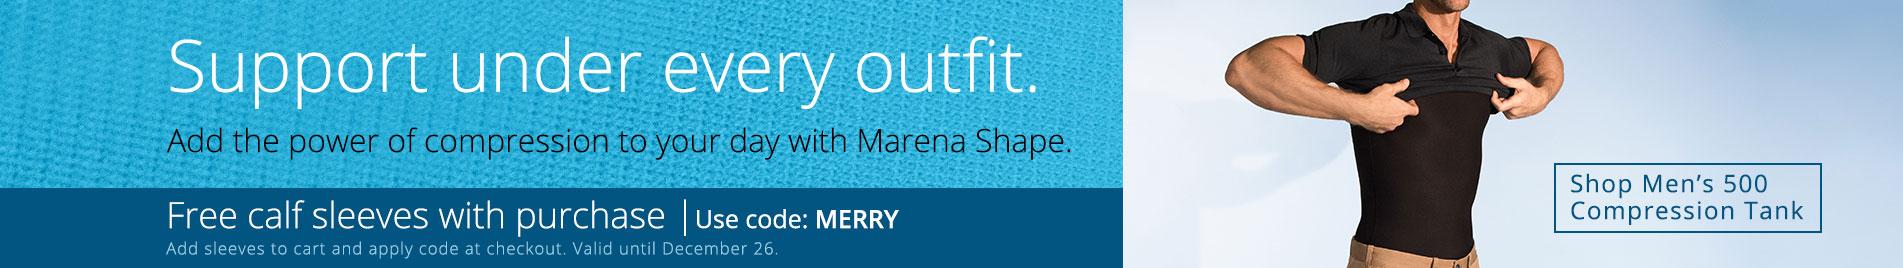 marena-shape-men-s-support-under-outfit-banner-final.jpg